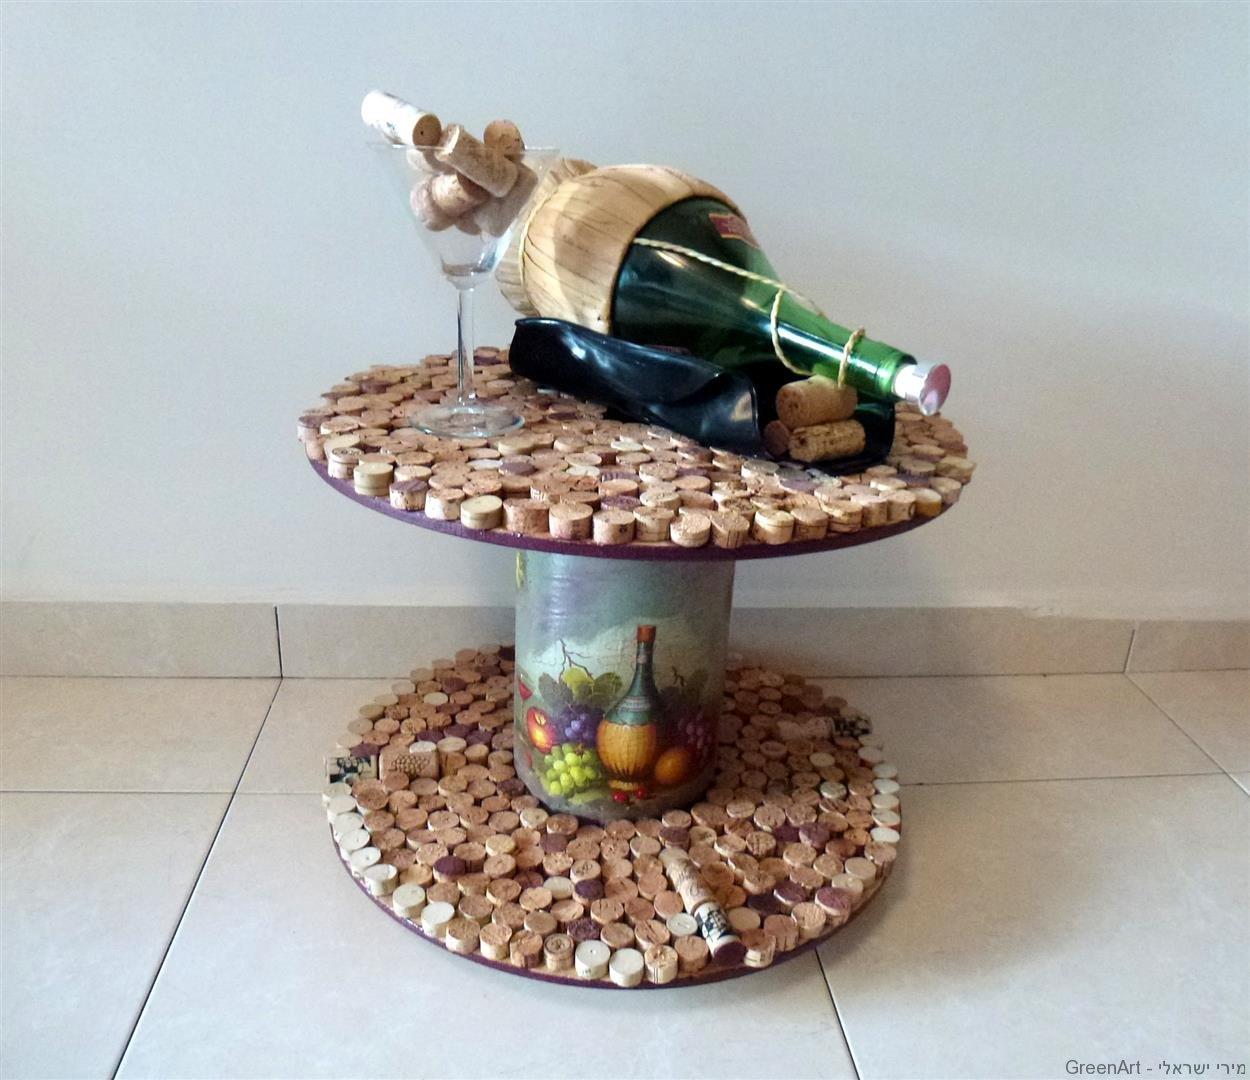 מהפך מן הפח! שולחן אירוח מפסולת שיועדה לפח.